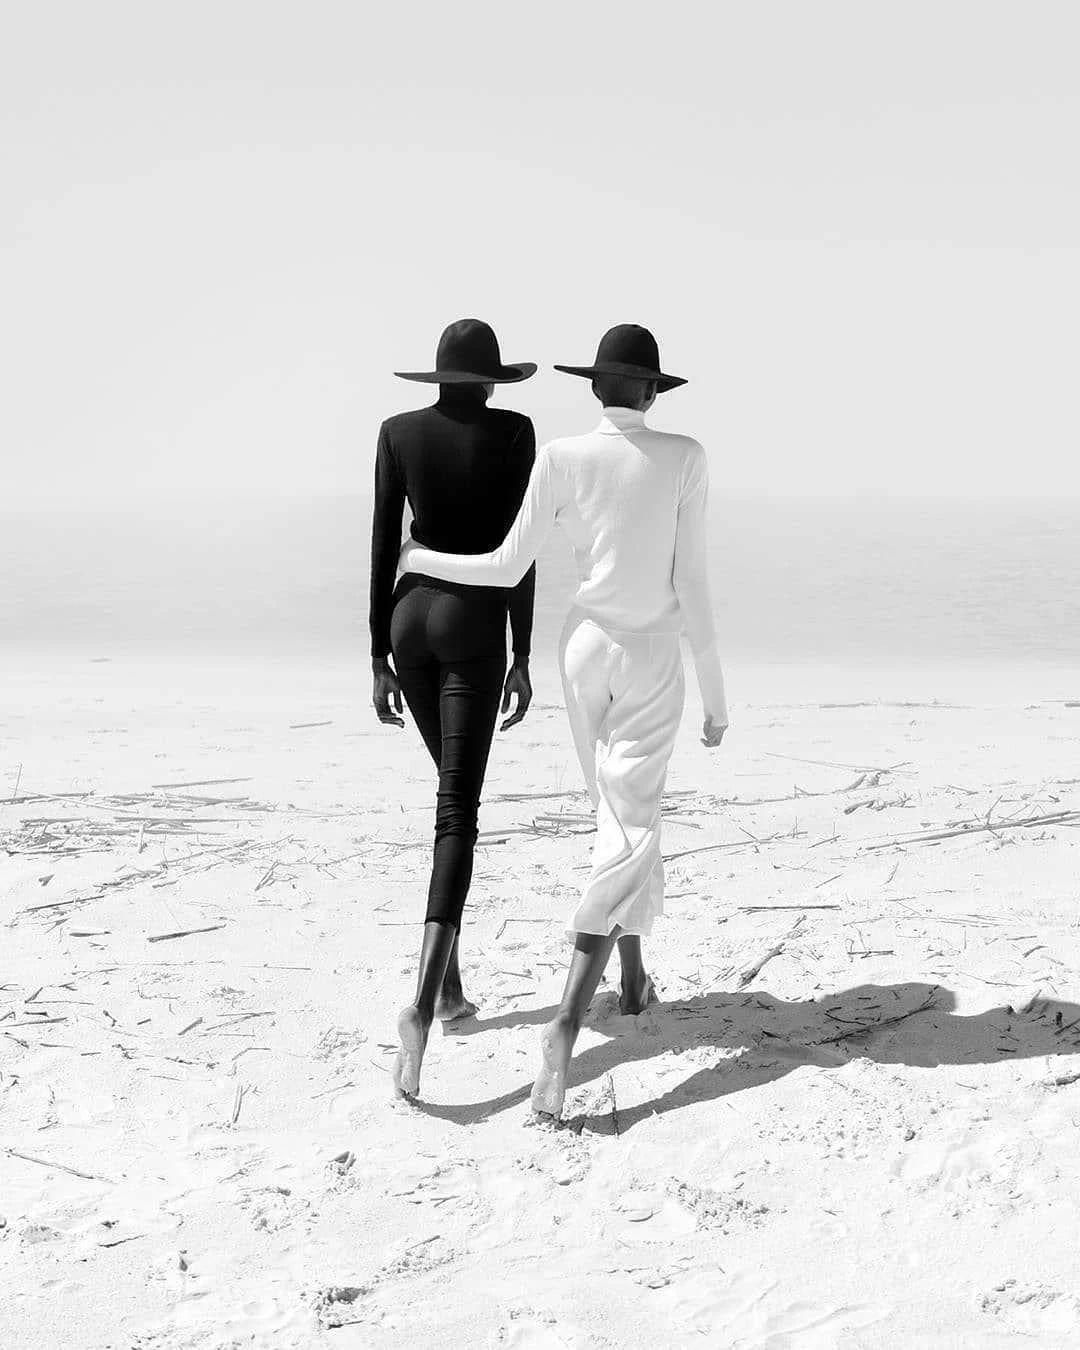 优雅的黑白人体摄影,极致的美感插图(18)